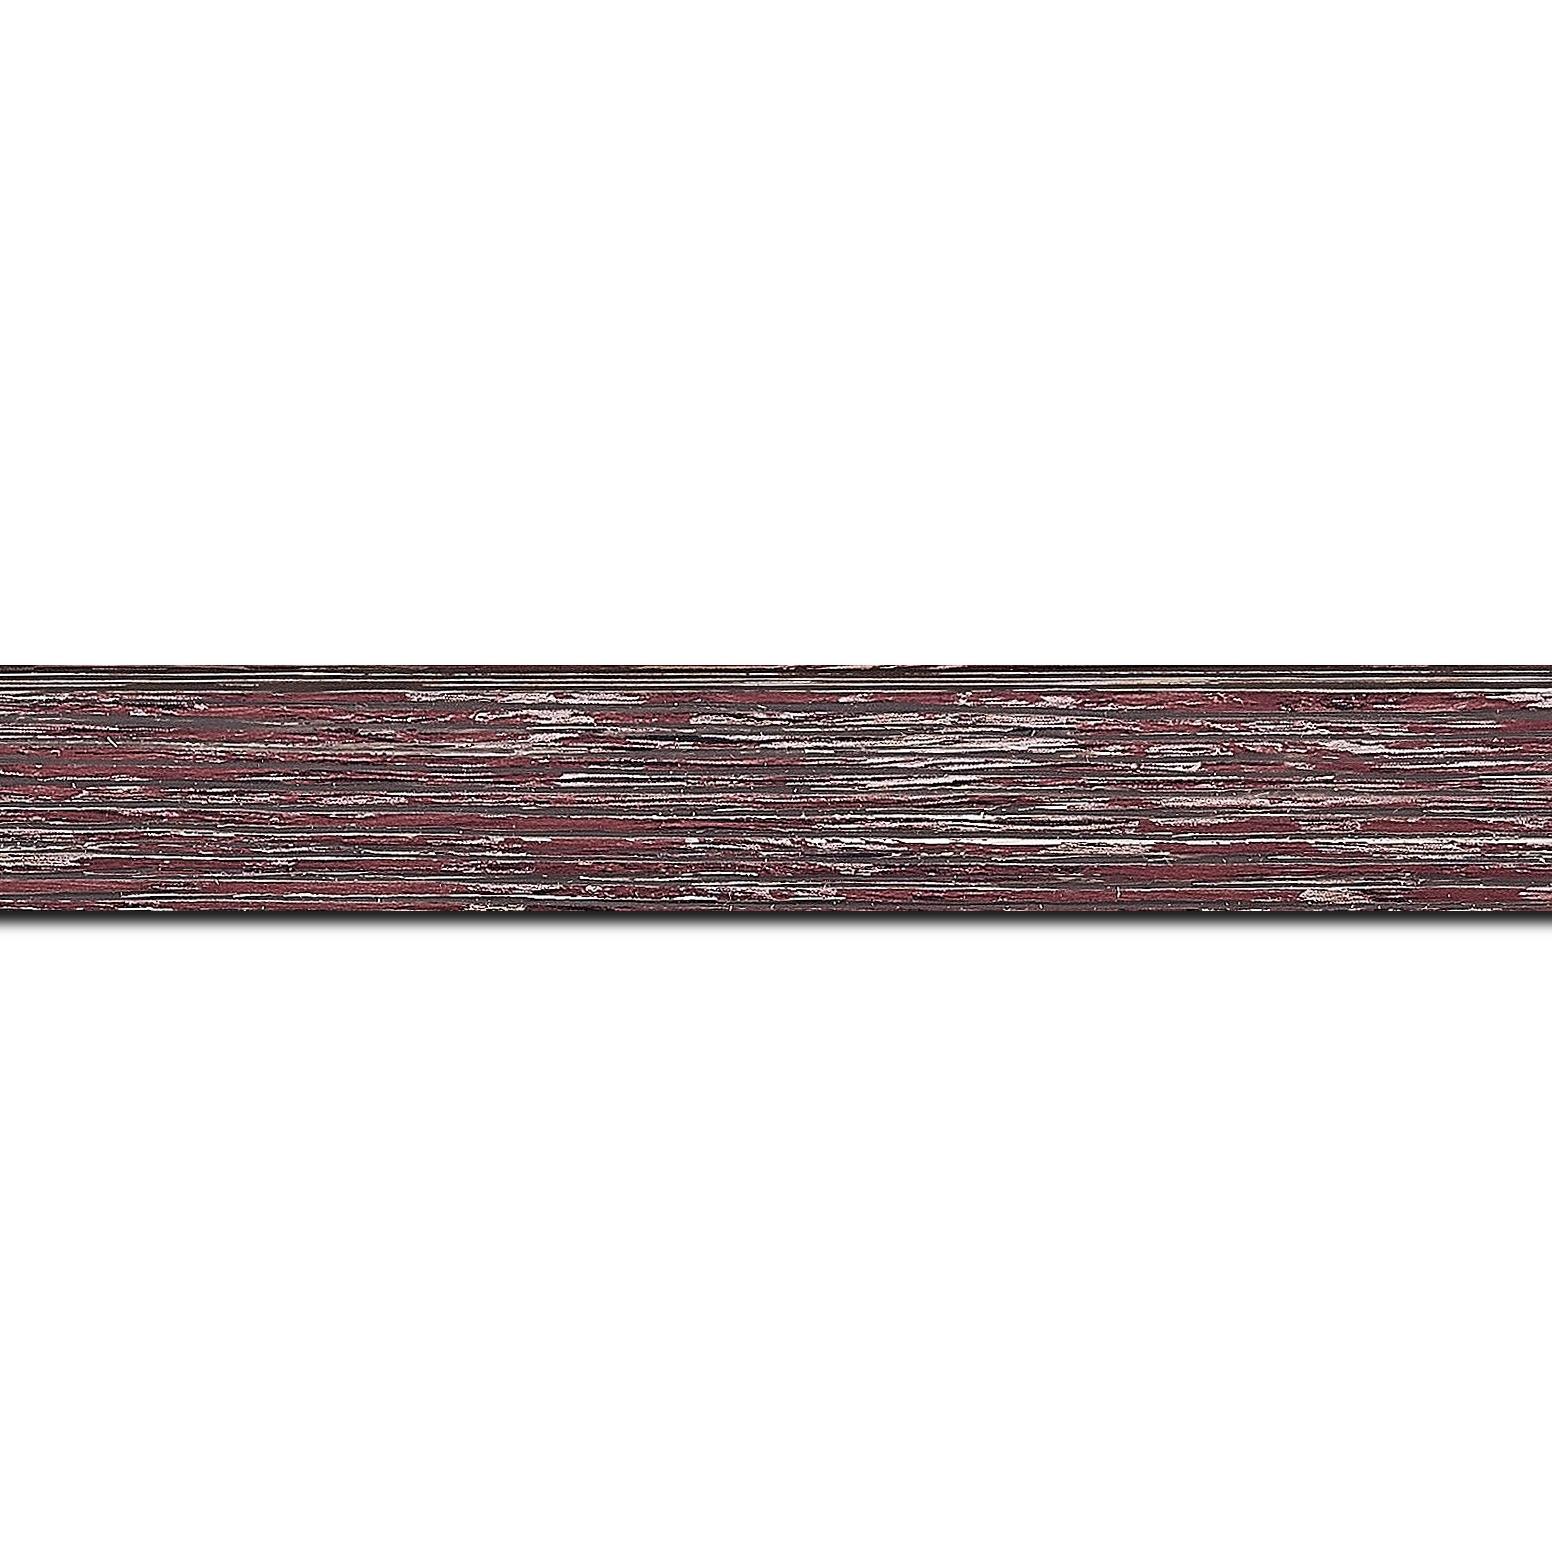 Baguette longueur 1.40m bois profil arrondi en pente plongeant largeur 2.4cm couleur framboise finition veinée, reflet argenté